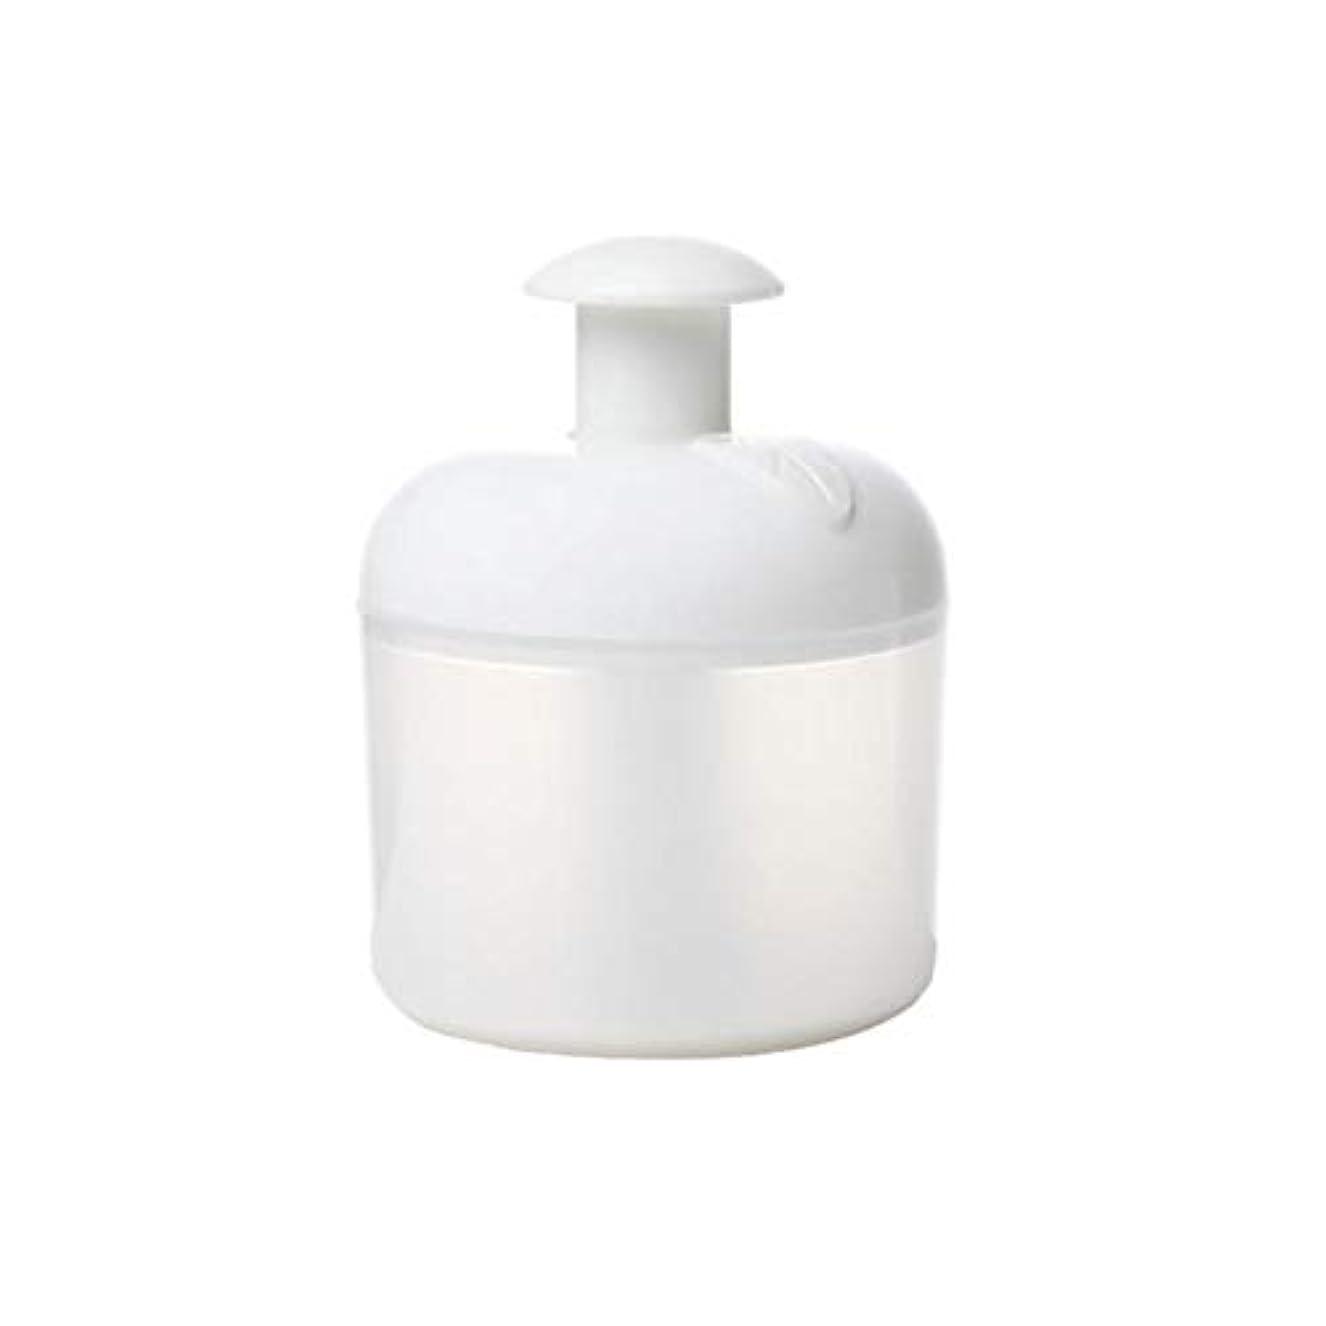 一致荒れ地浸漬マイクロバブルフォーマー - Dewin 洗顔泡立て器 洗顔ネット マイクロホイッパー クリーンツール 7倍の濃厚なバブル 美容グッズ